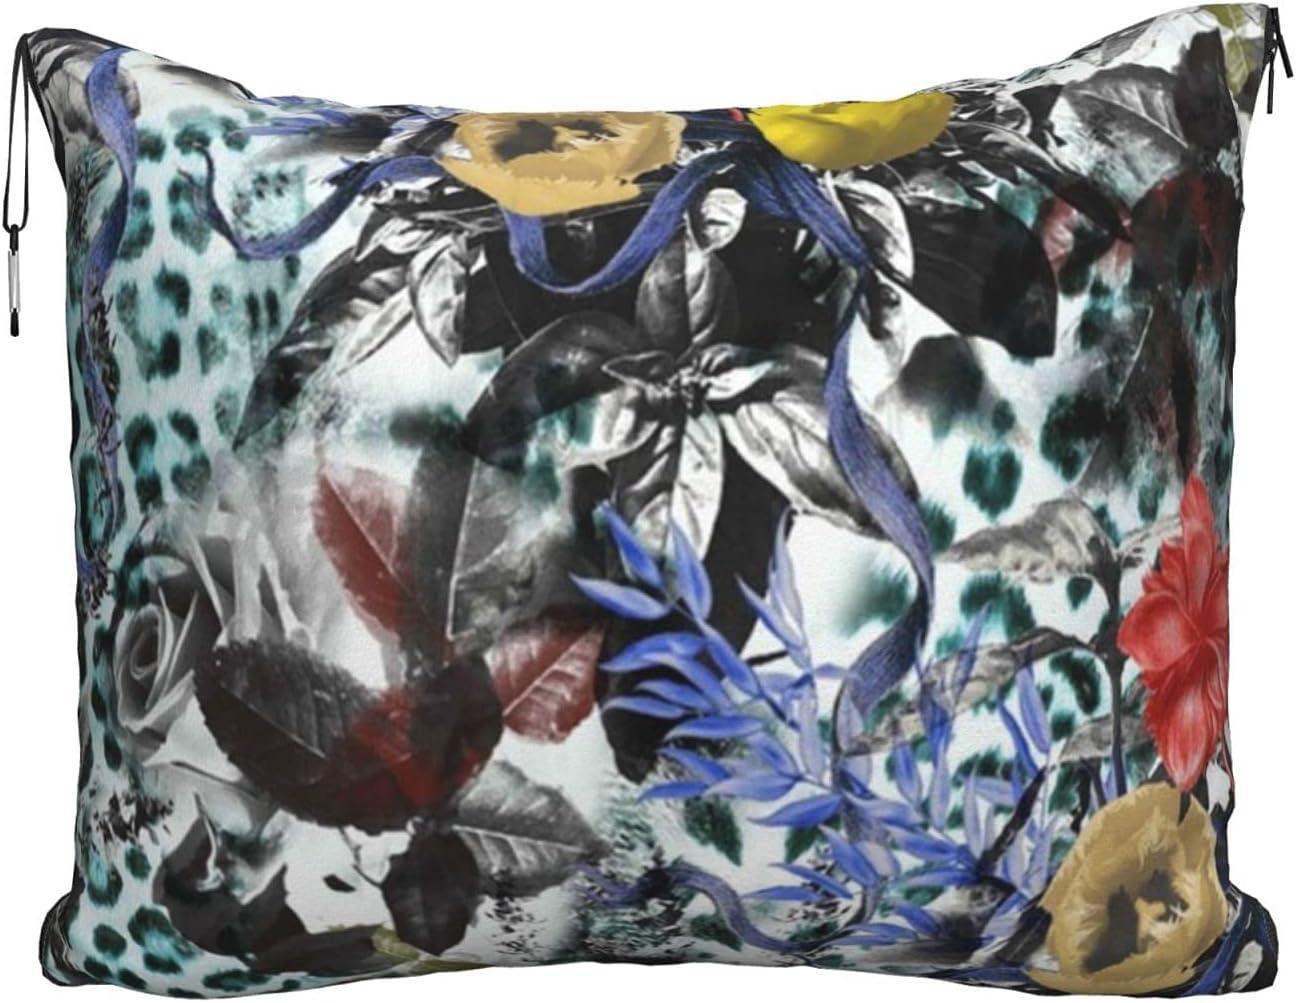 Mescchskred and Yellow Flower Print Pillow Combo Travel Max 49% OFF Blanket Ultra-Cheap Deals